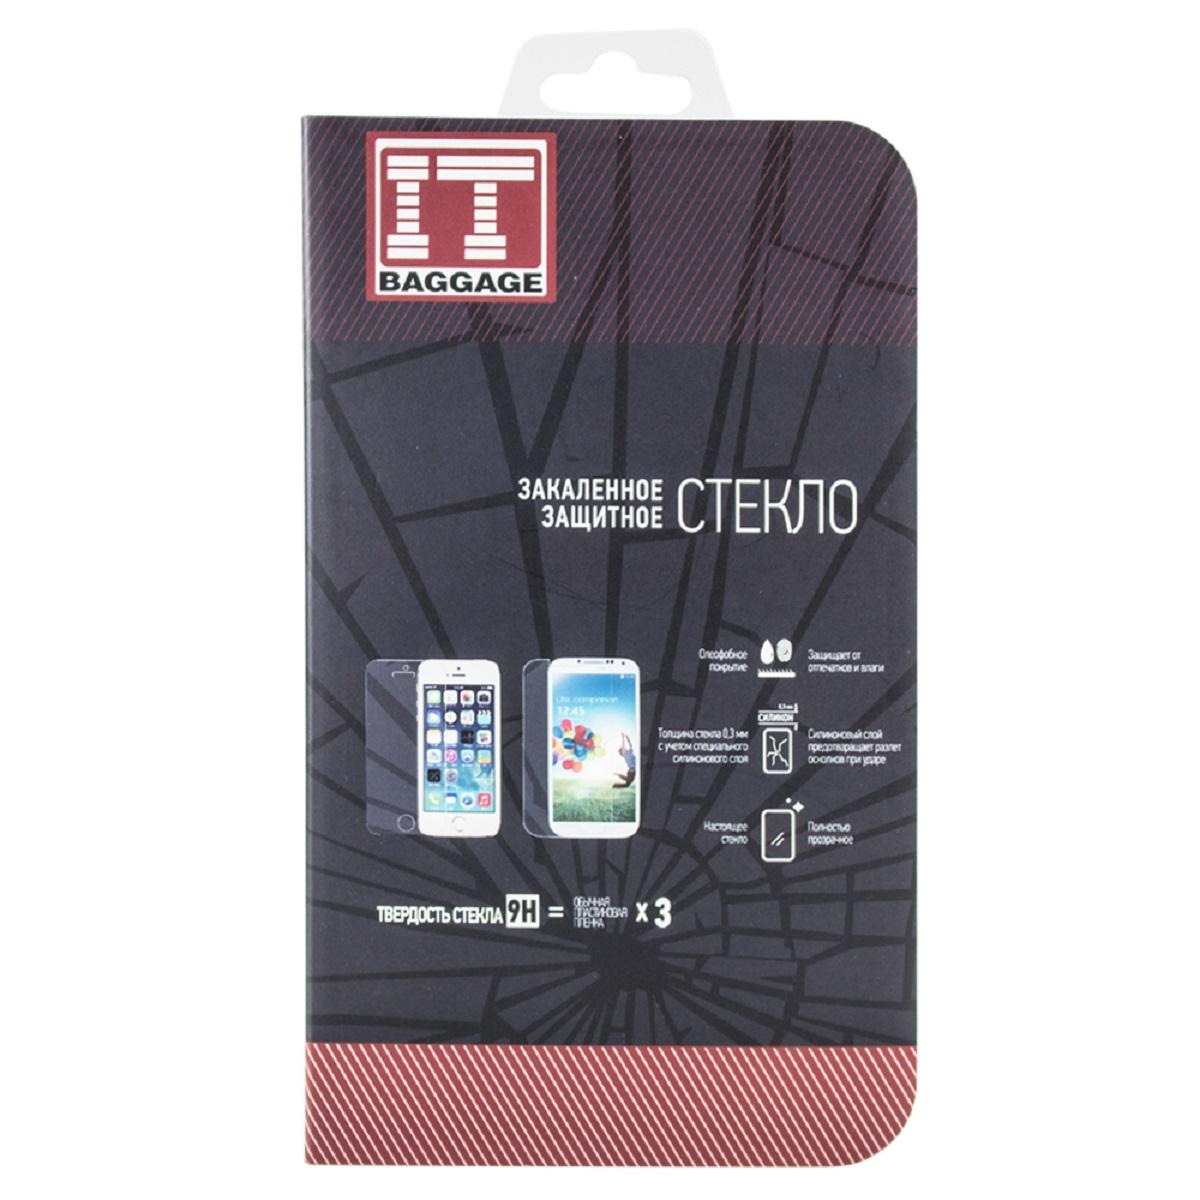 IT Baggage защитное стекло для Moto X StyleITMTXSTGЗакаленное стекло IT Baggage для Moto X Style - это самый верный способ защитить экран от повреждений и загрязнений. Обладает высочайшим уровнем прозрачности и совершенно не влияет на отклик экранного сенсора и качество изображения. Препятствует появлению отпечатков и пятен. Удалить следы жира и косметики с поверхности аксессуара не составить ни какого труда.Характеристики защитного стекла делают его износостойким к таким механическим повреждениям, как царапины, сколы, потертости. При сильном ударе разбившееся стекло не разлетается на осколки, предохраняя вас от порезов, а экран устройства от повреждений.После снятия защитного стекла с поверхности дисплея, на нем не остаются повреждения, такие как потертости и царапины.